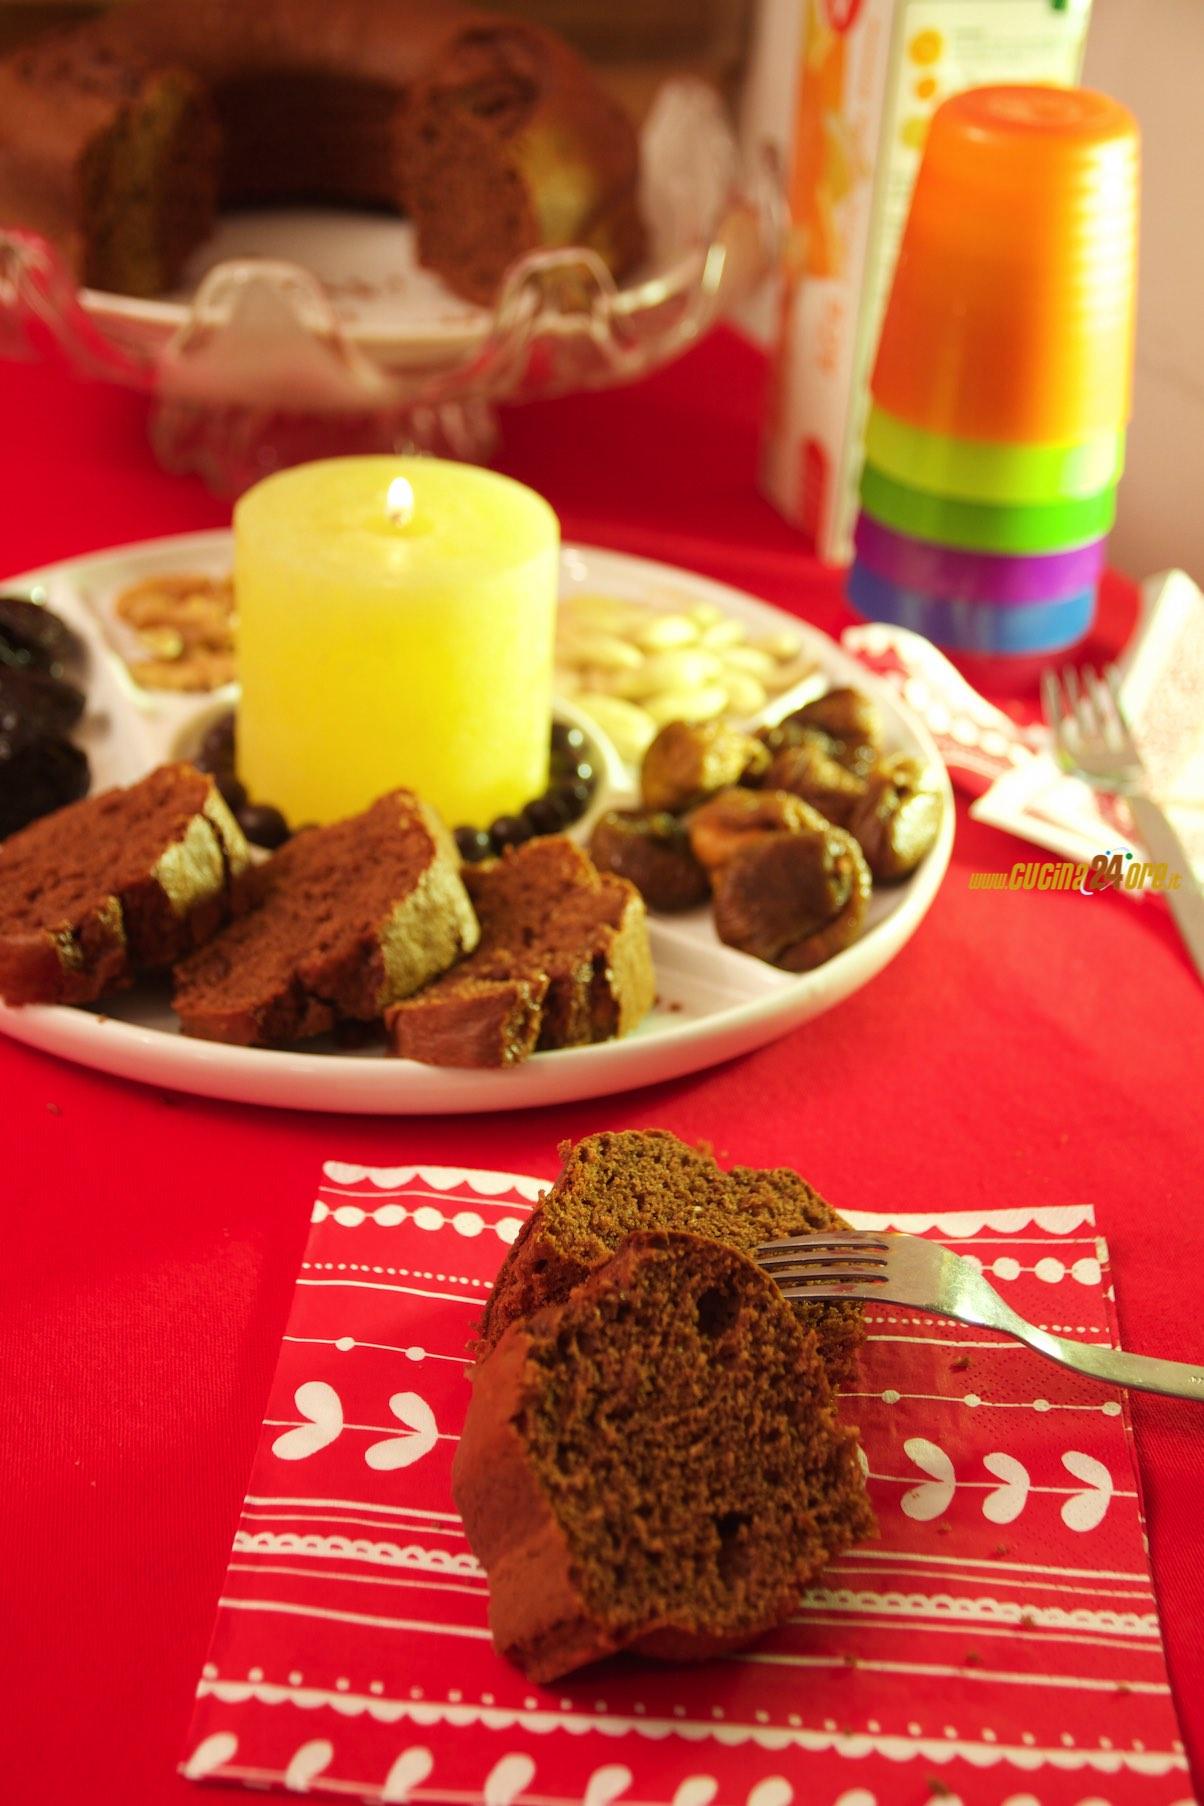 Ciambellone Soffice alla Nutella Senza Glutine e Burro | Nutella Bundt Cake Gluten and Butter Free